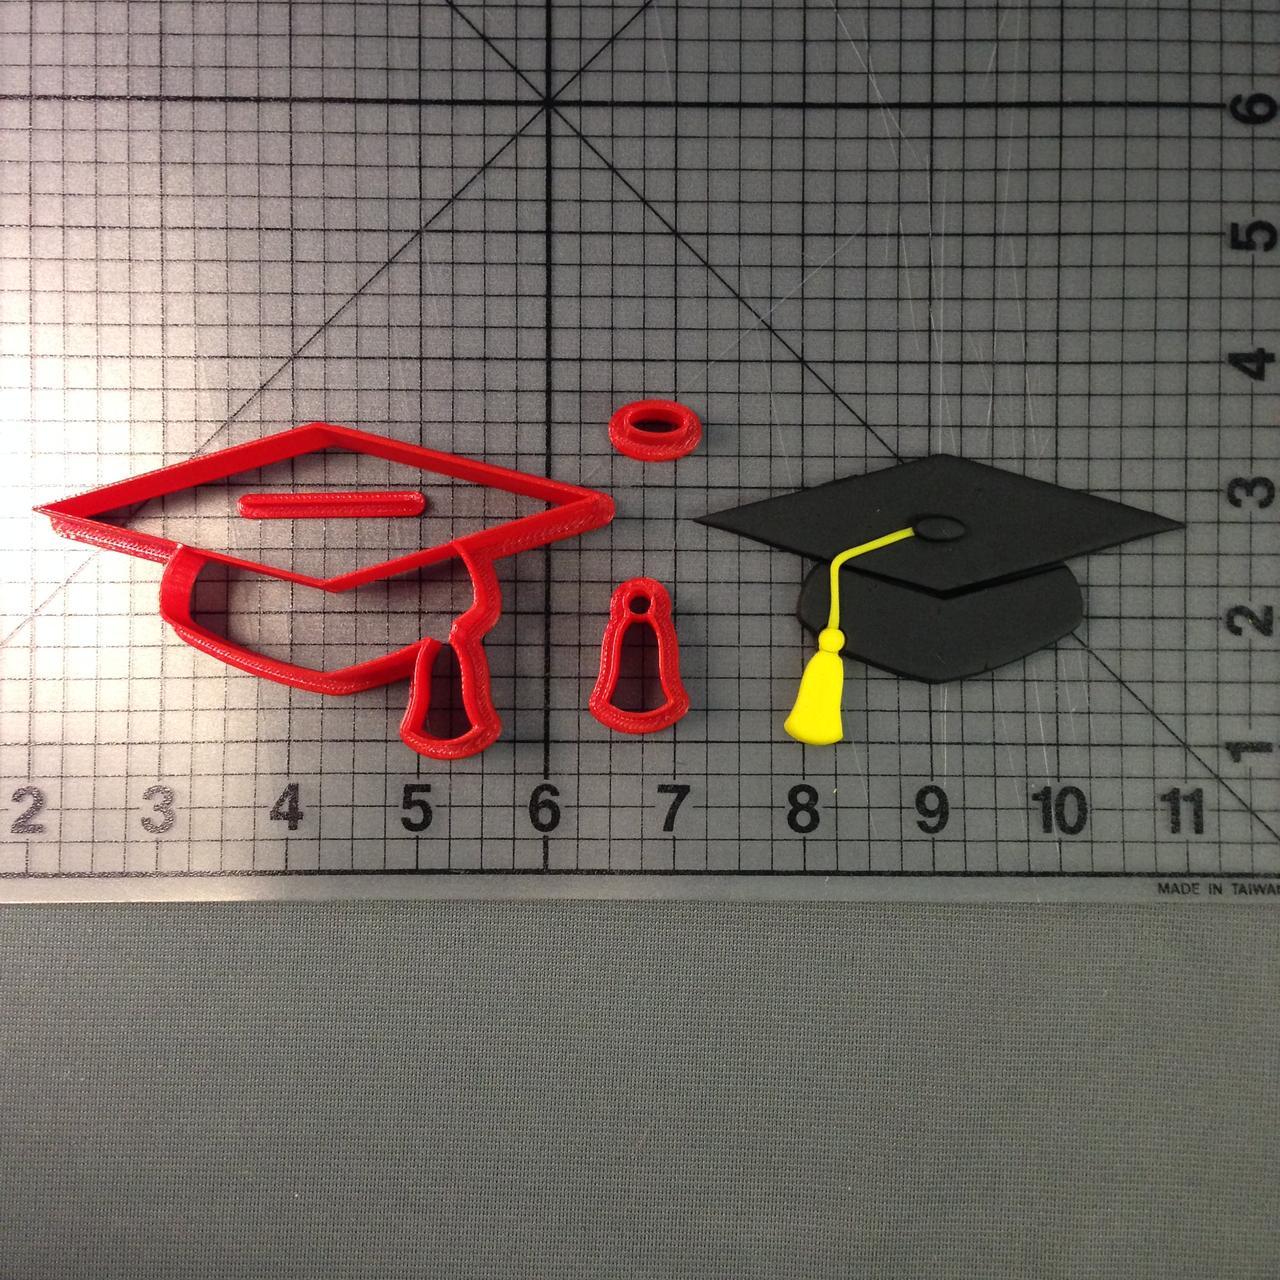 Вирубка академічна шапка випускника. Пластикові вирубки. Вирубка під замовлення. Різаки для пряників.